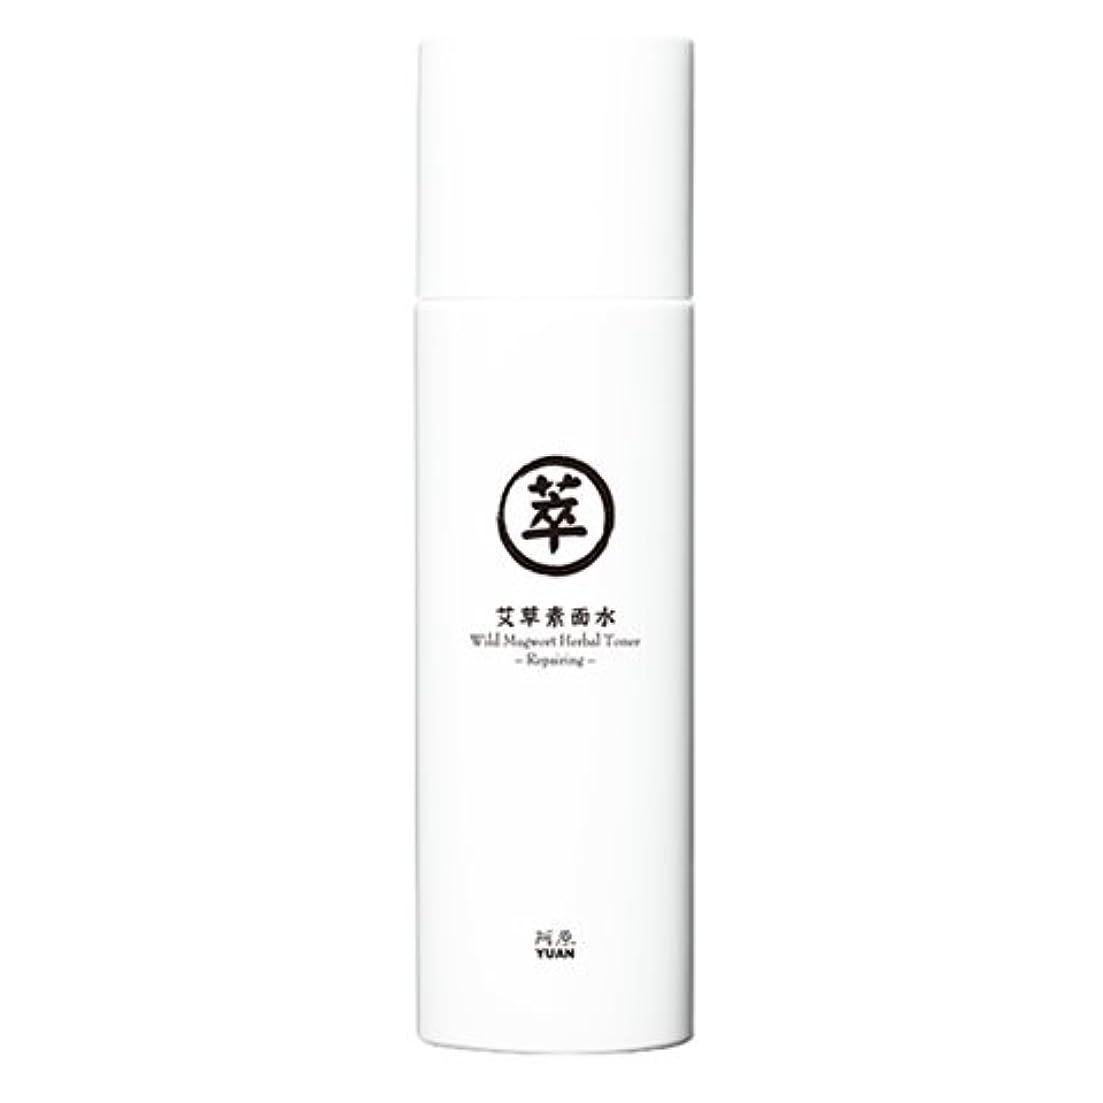 捧げる多分すべてユアン(YUAN)ヨモギ化粧水 150ml(阿原 ユアンソープ 台湾コスメ)